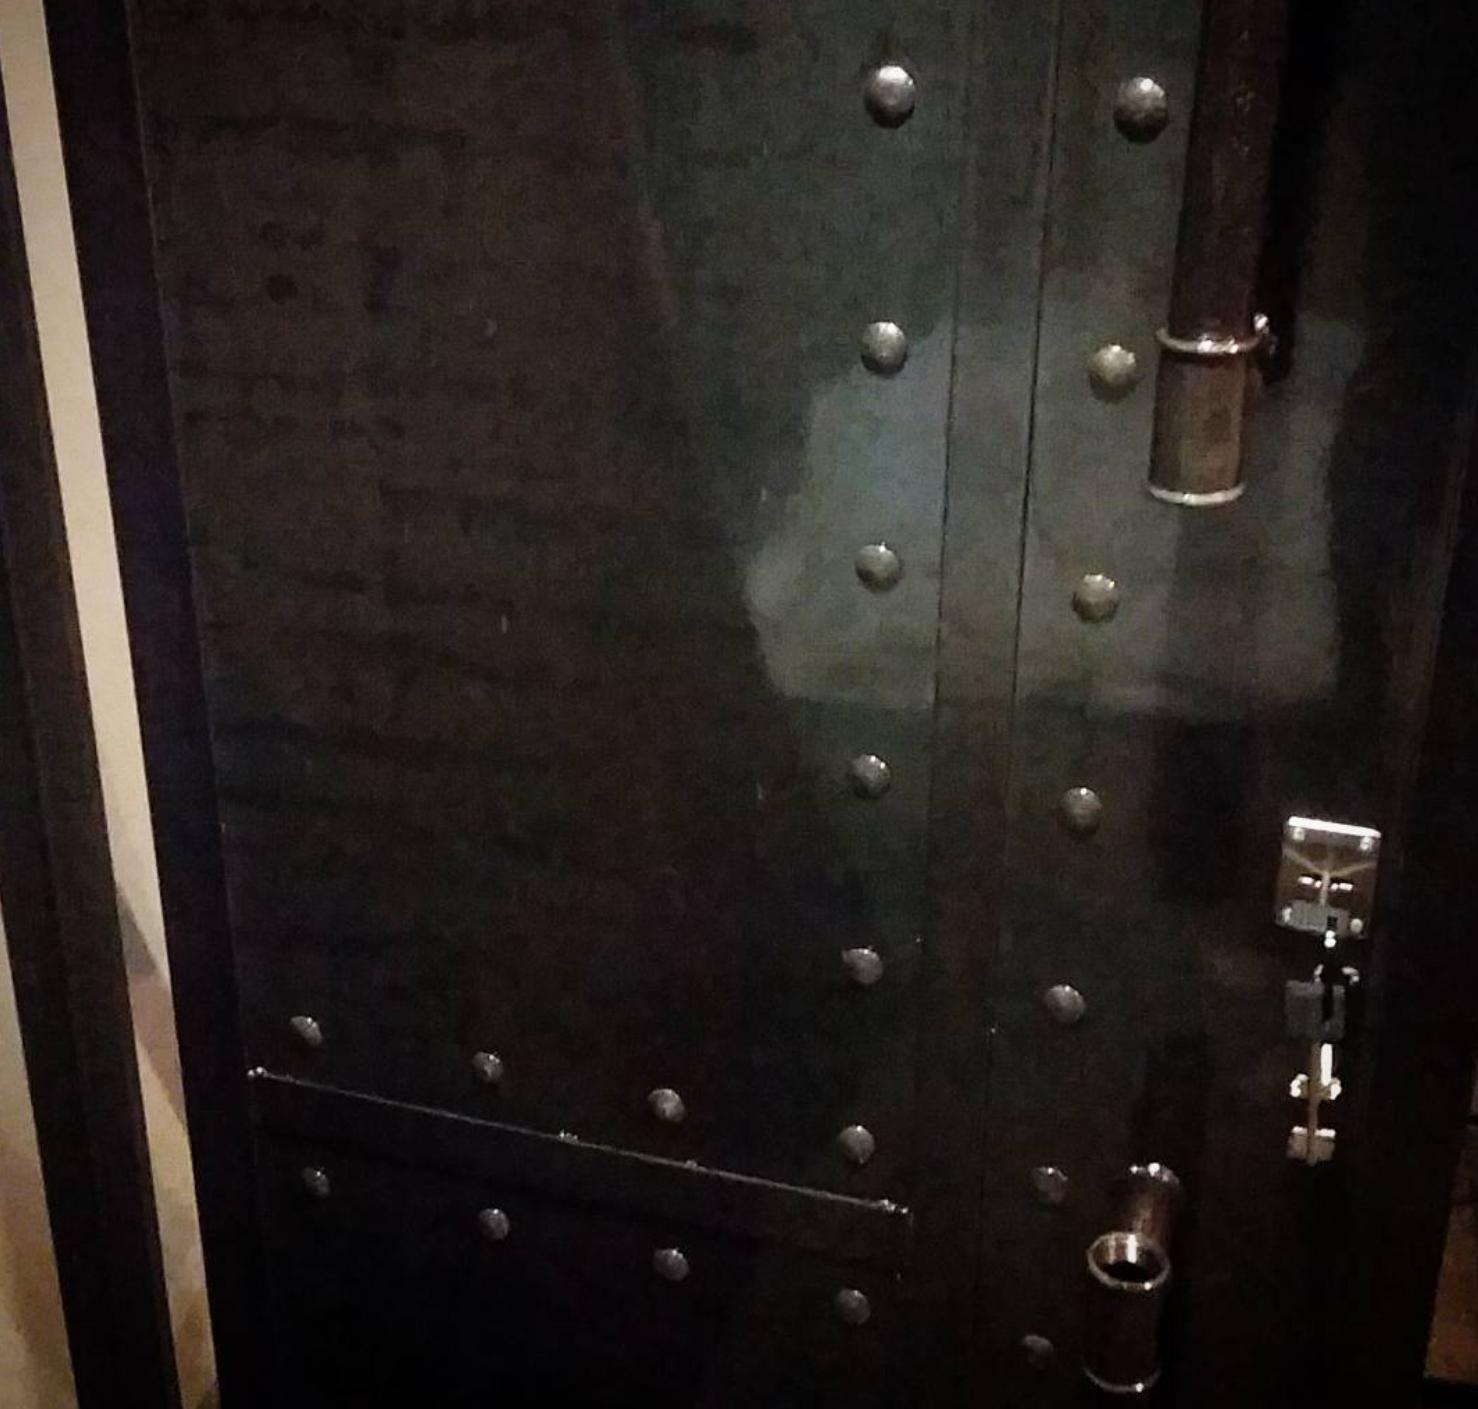 Acerodoorsru металлические входные двери на заказ Wrc